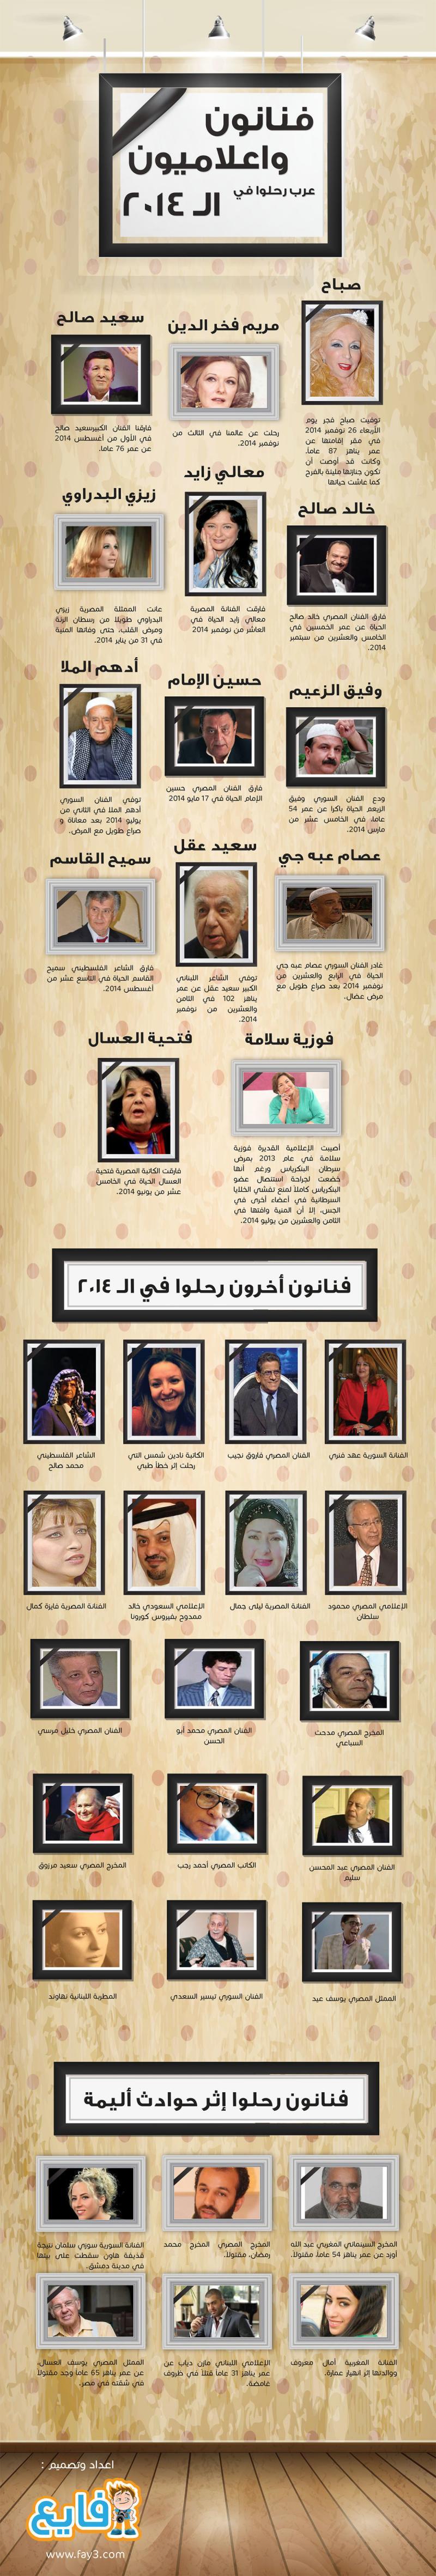 فنانون وإعلاميون عرب رحلوا عنا عام 2014 #انفوجرافيك #مشاهير